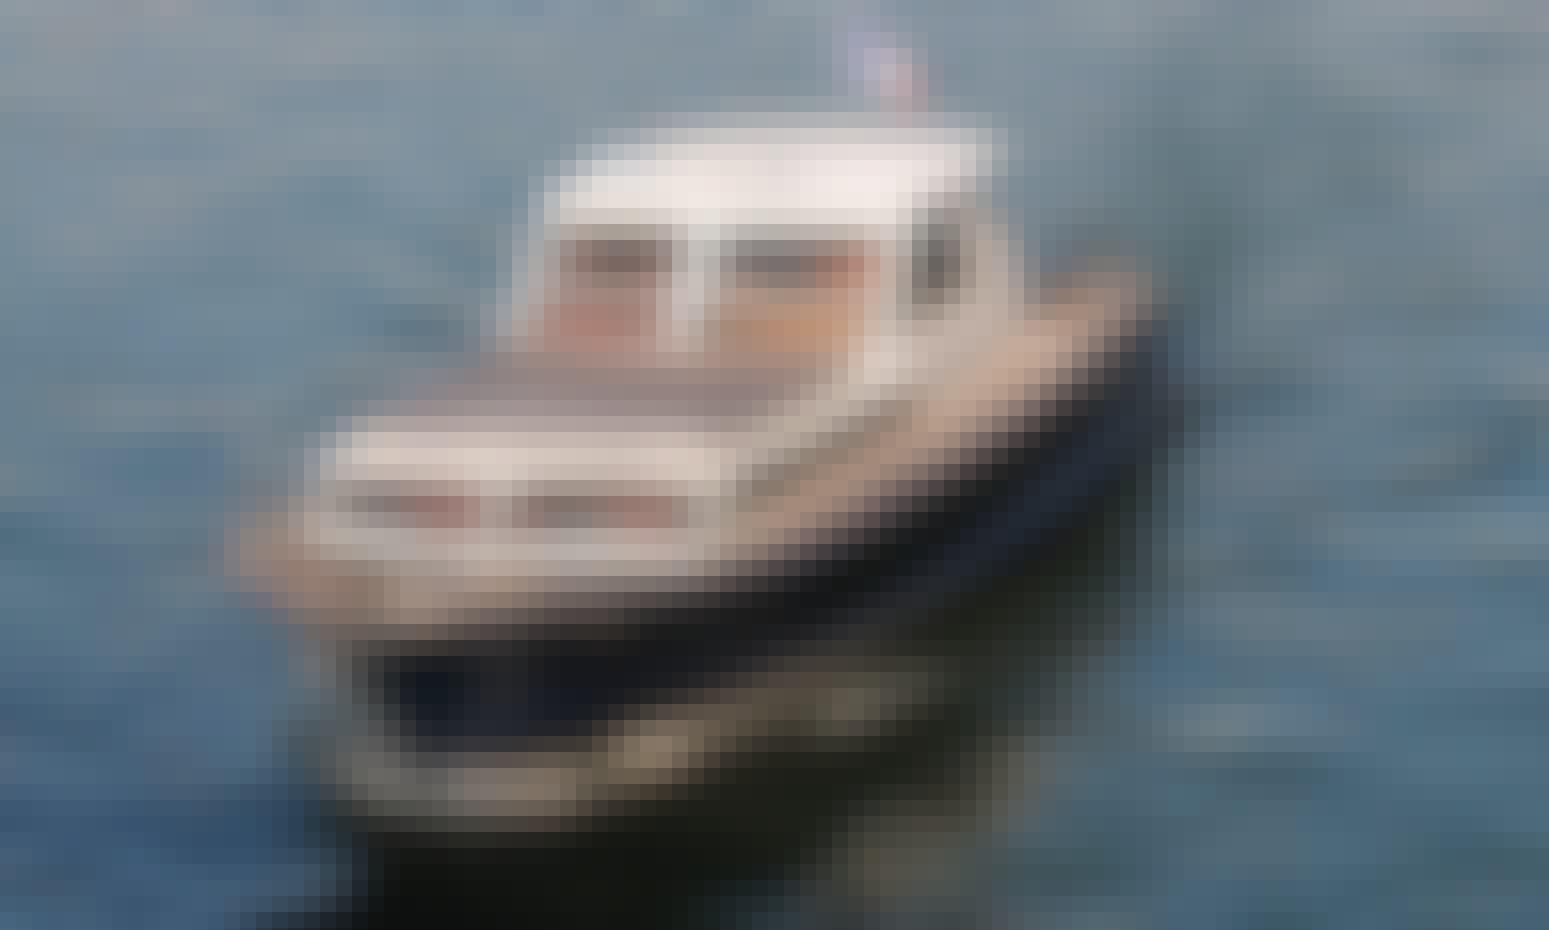 Passenger Boat rental in Nogent-sur-Marne